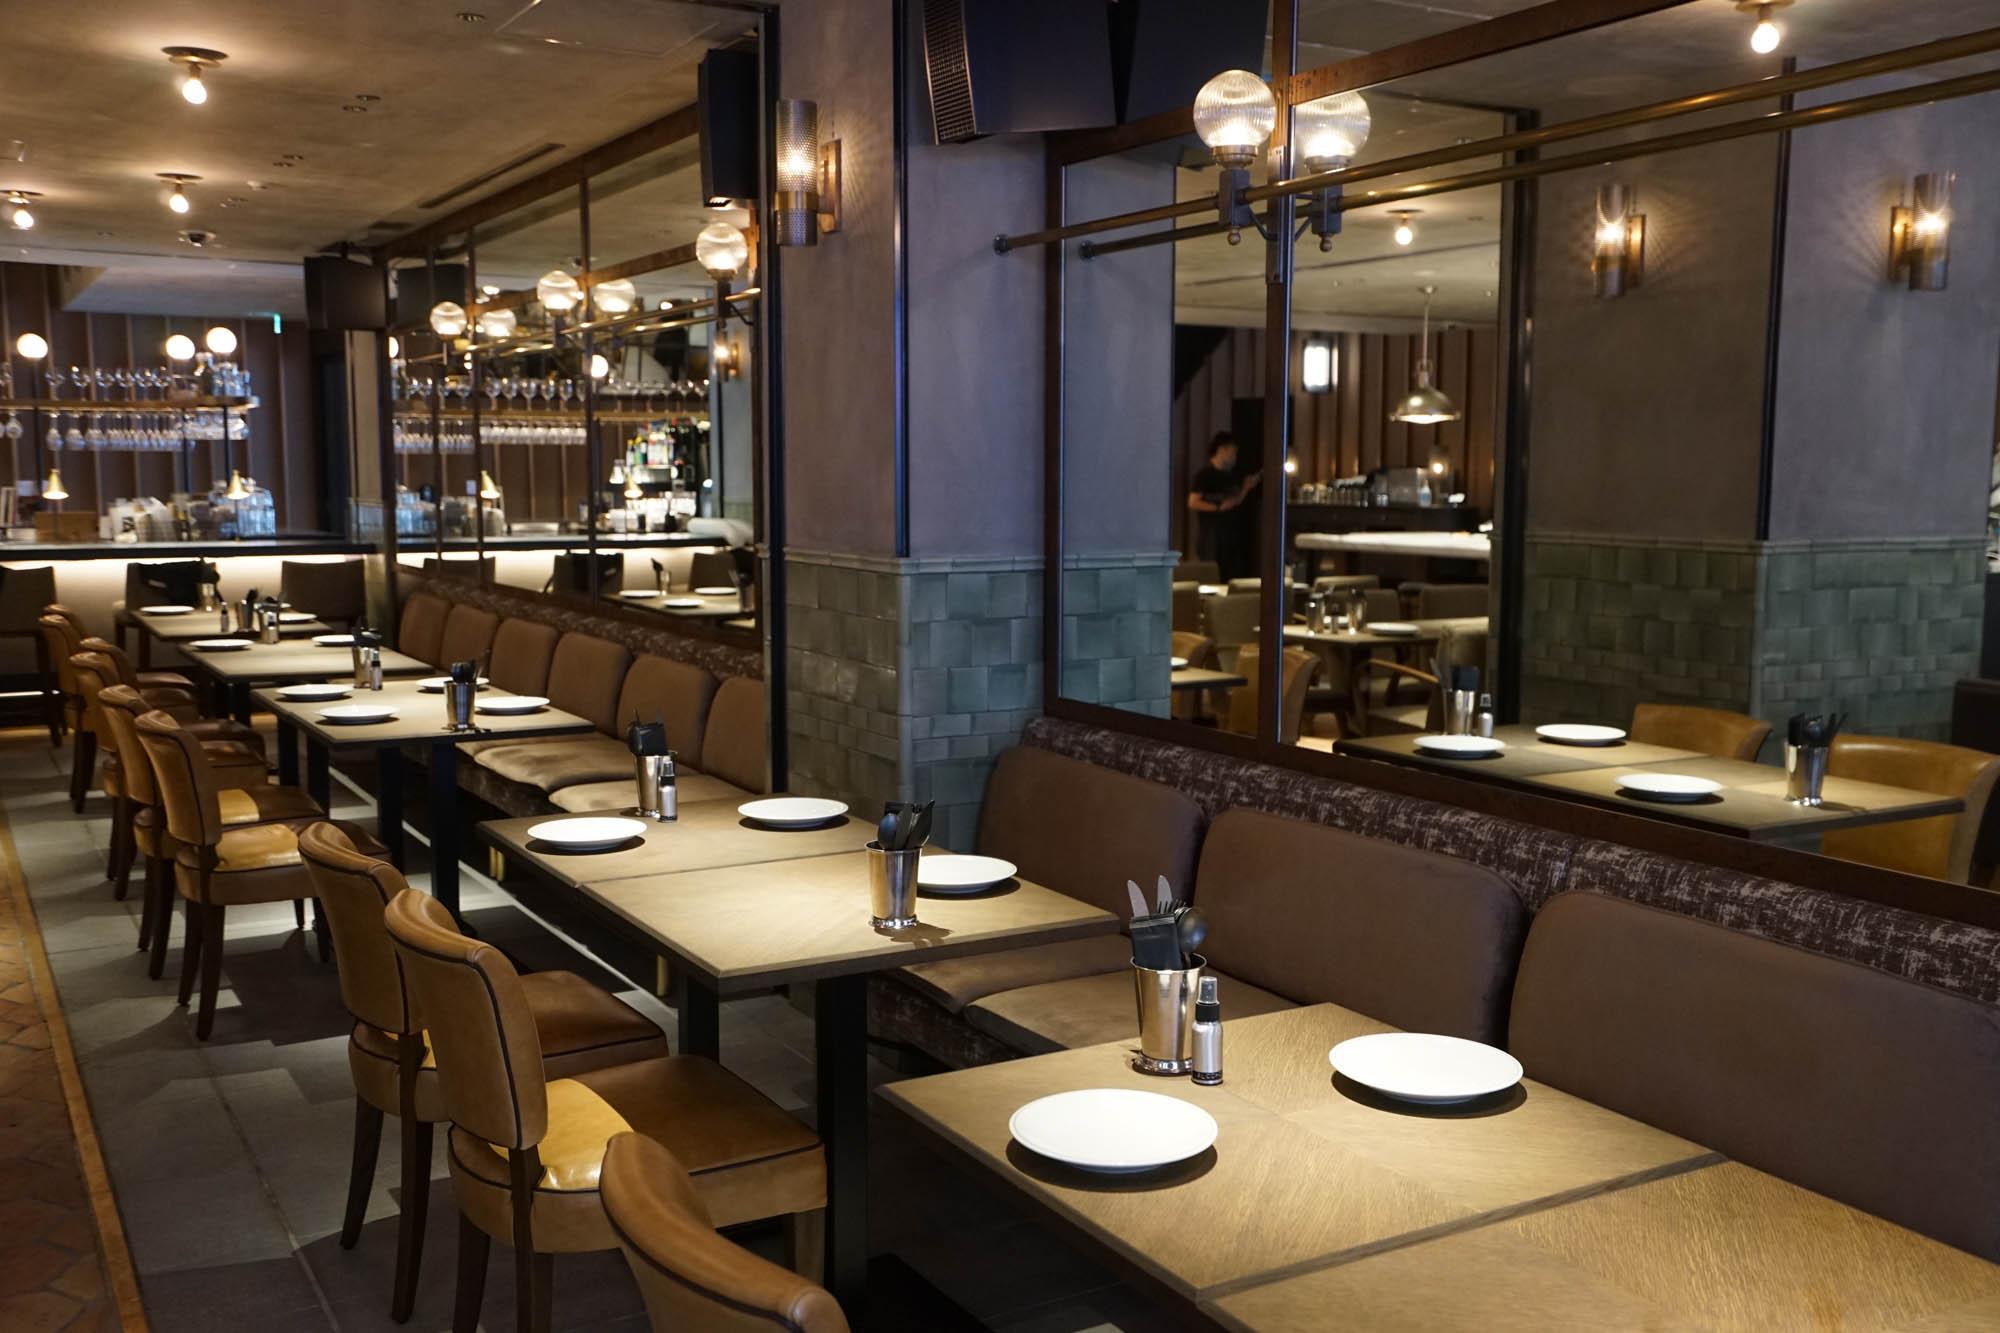 ホテル1階には、モダンなスタイルのスパニッシュ・イタリアンレストランが入っています。朝7時から夜23時まで営業。